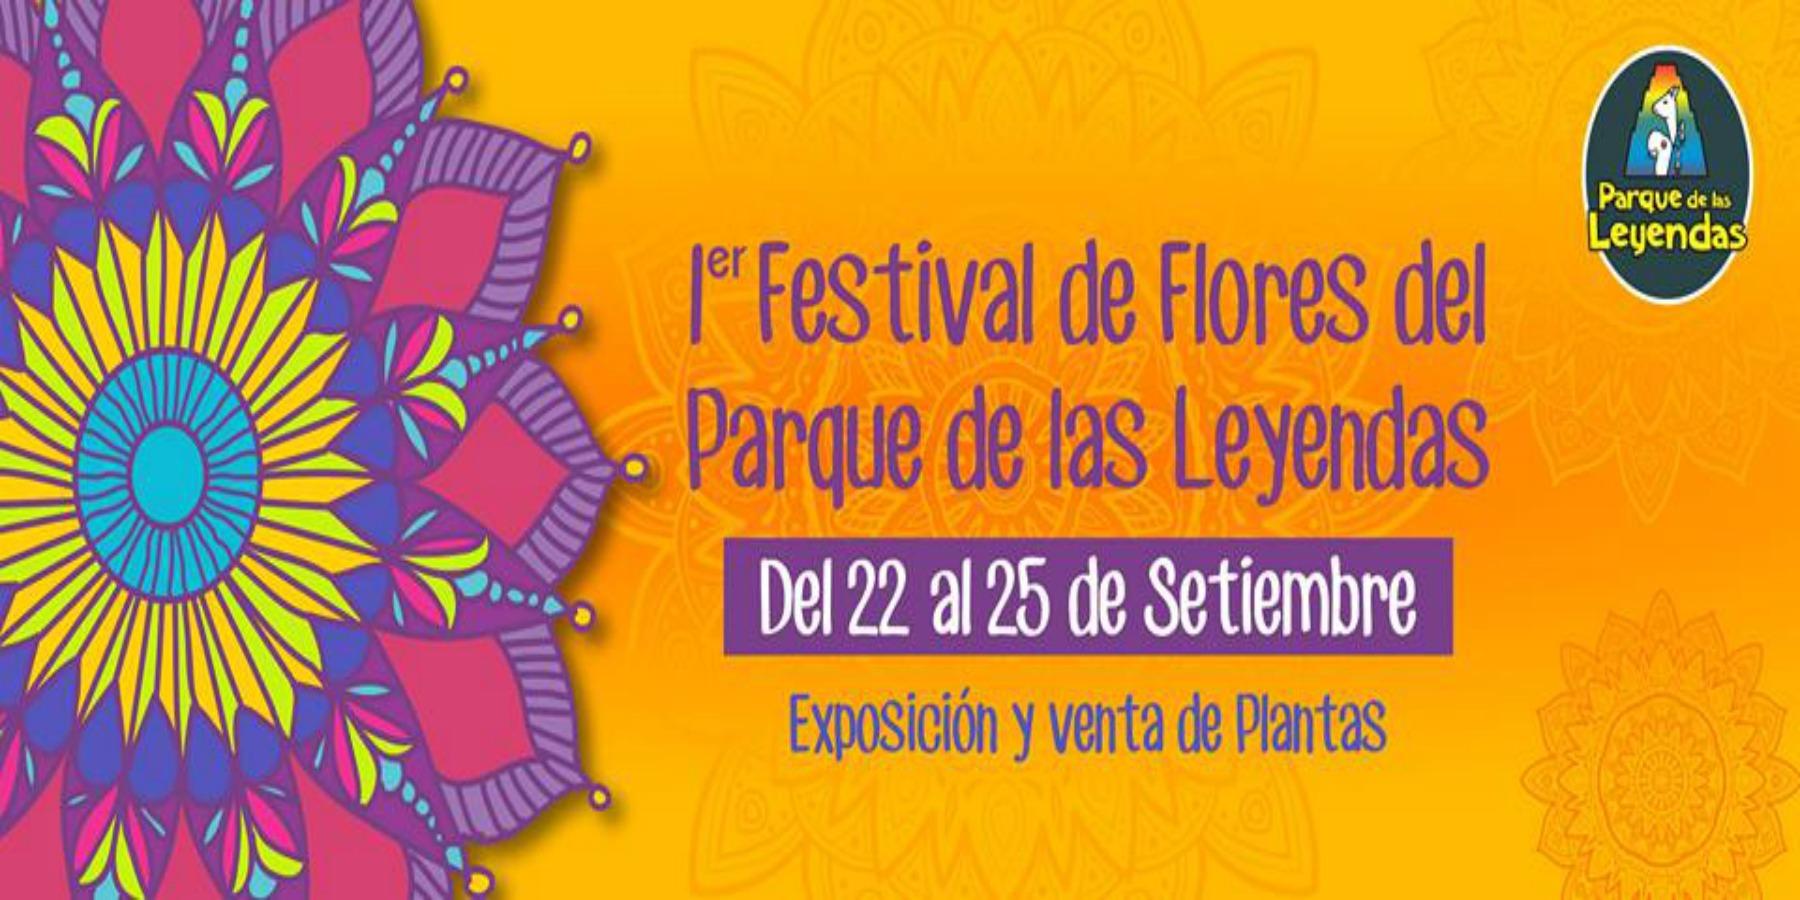 1er Festival de Flores del Parque de las Leyendas